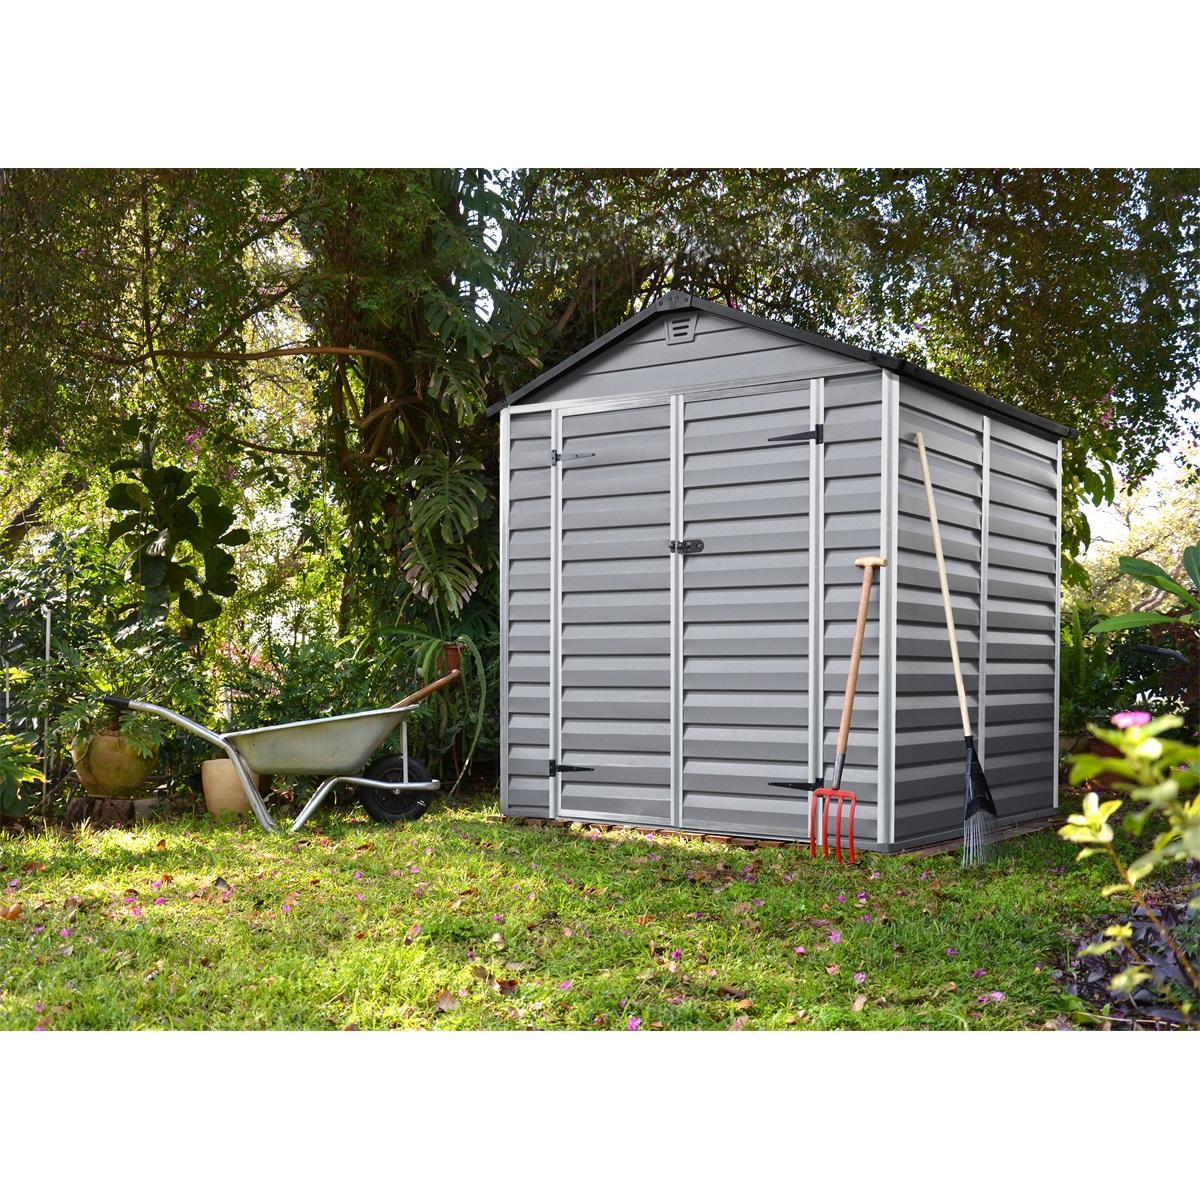 Palram Skylight 6x5 šedý, záhradný domček